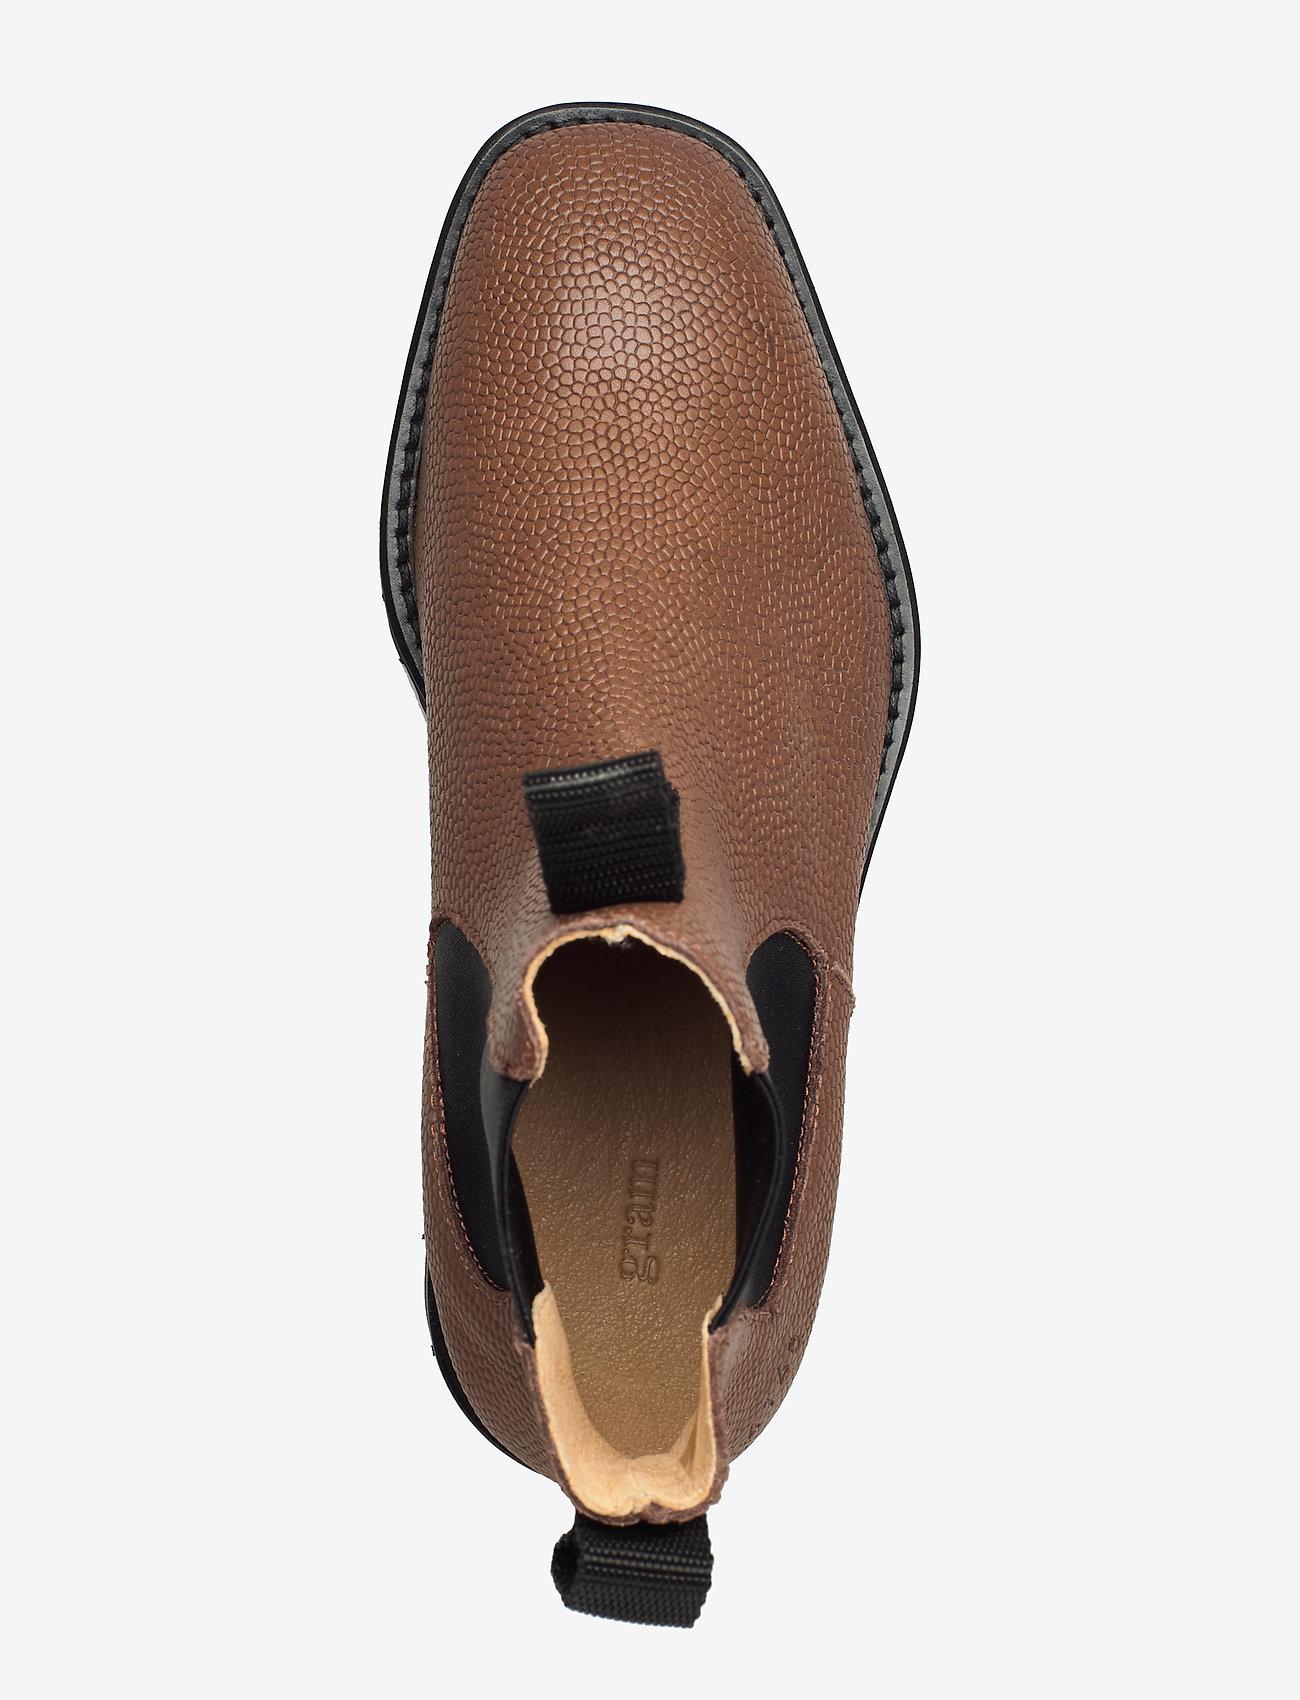 414g Walnut Leather (Walnut) - Gram